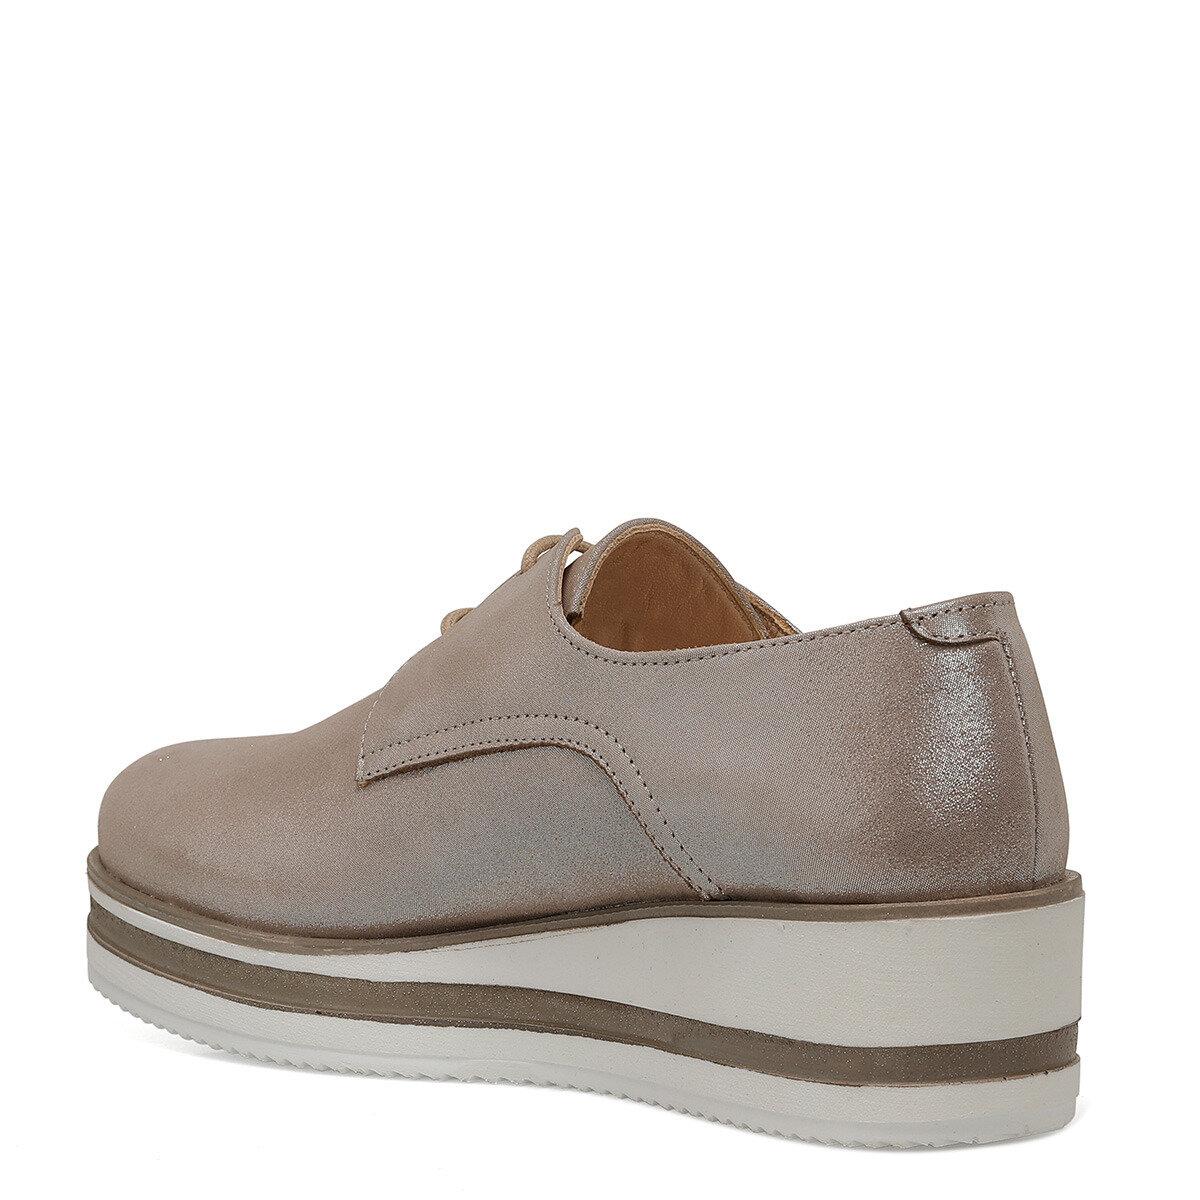 RUDOLF Vizon Kadın Dolgu Topuk Ayakkabı